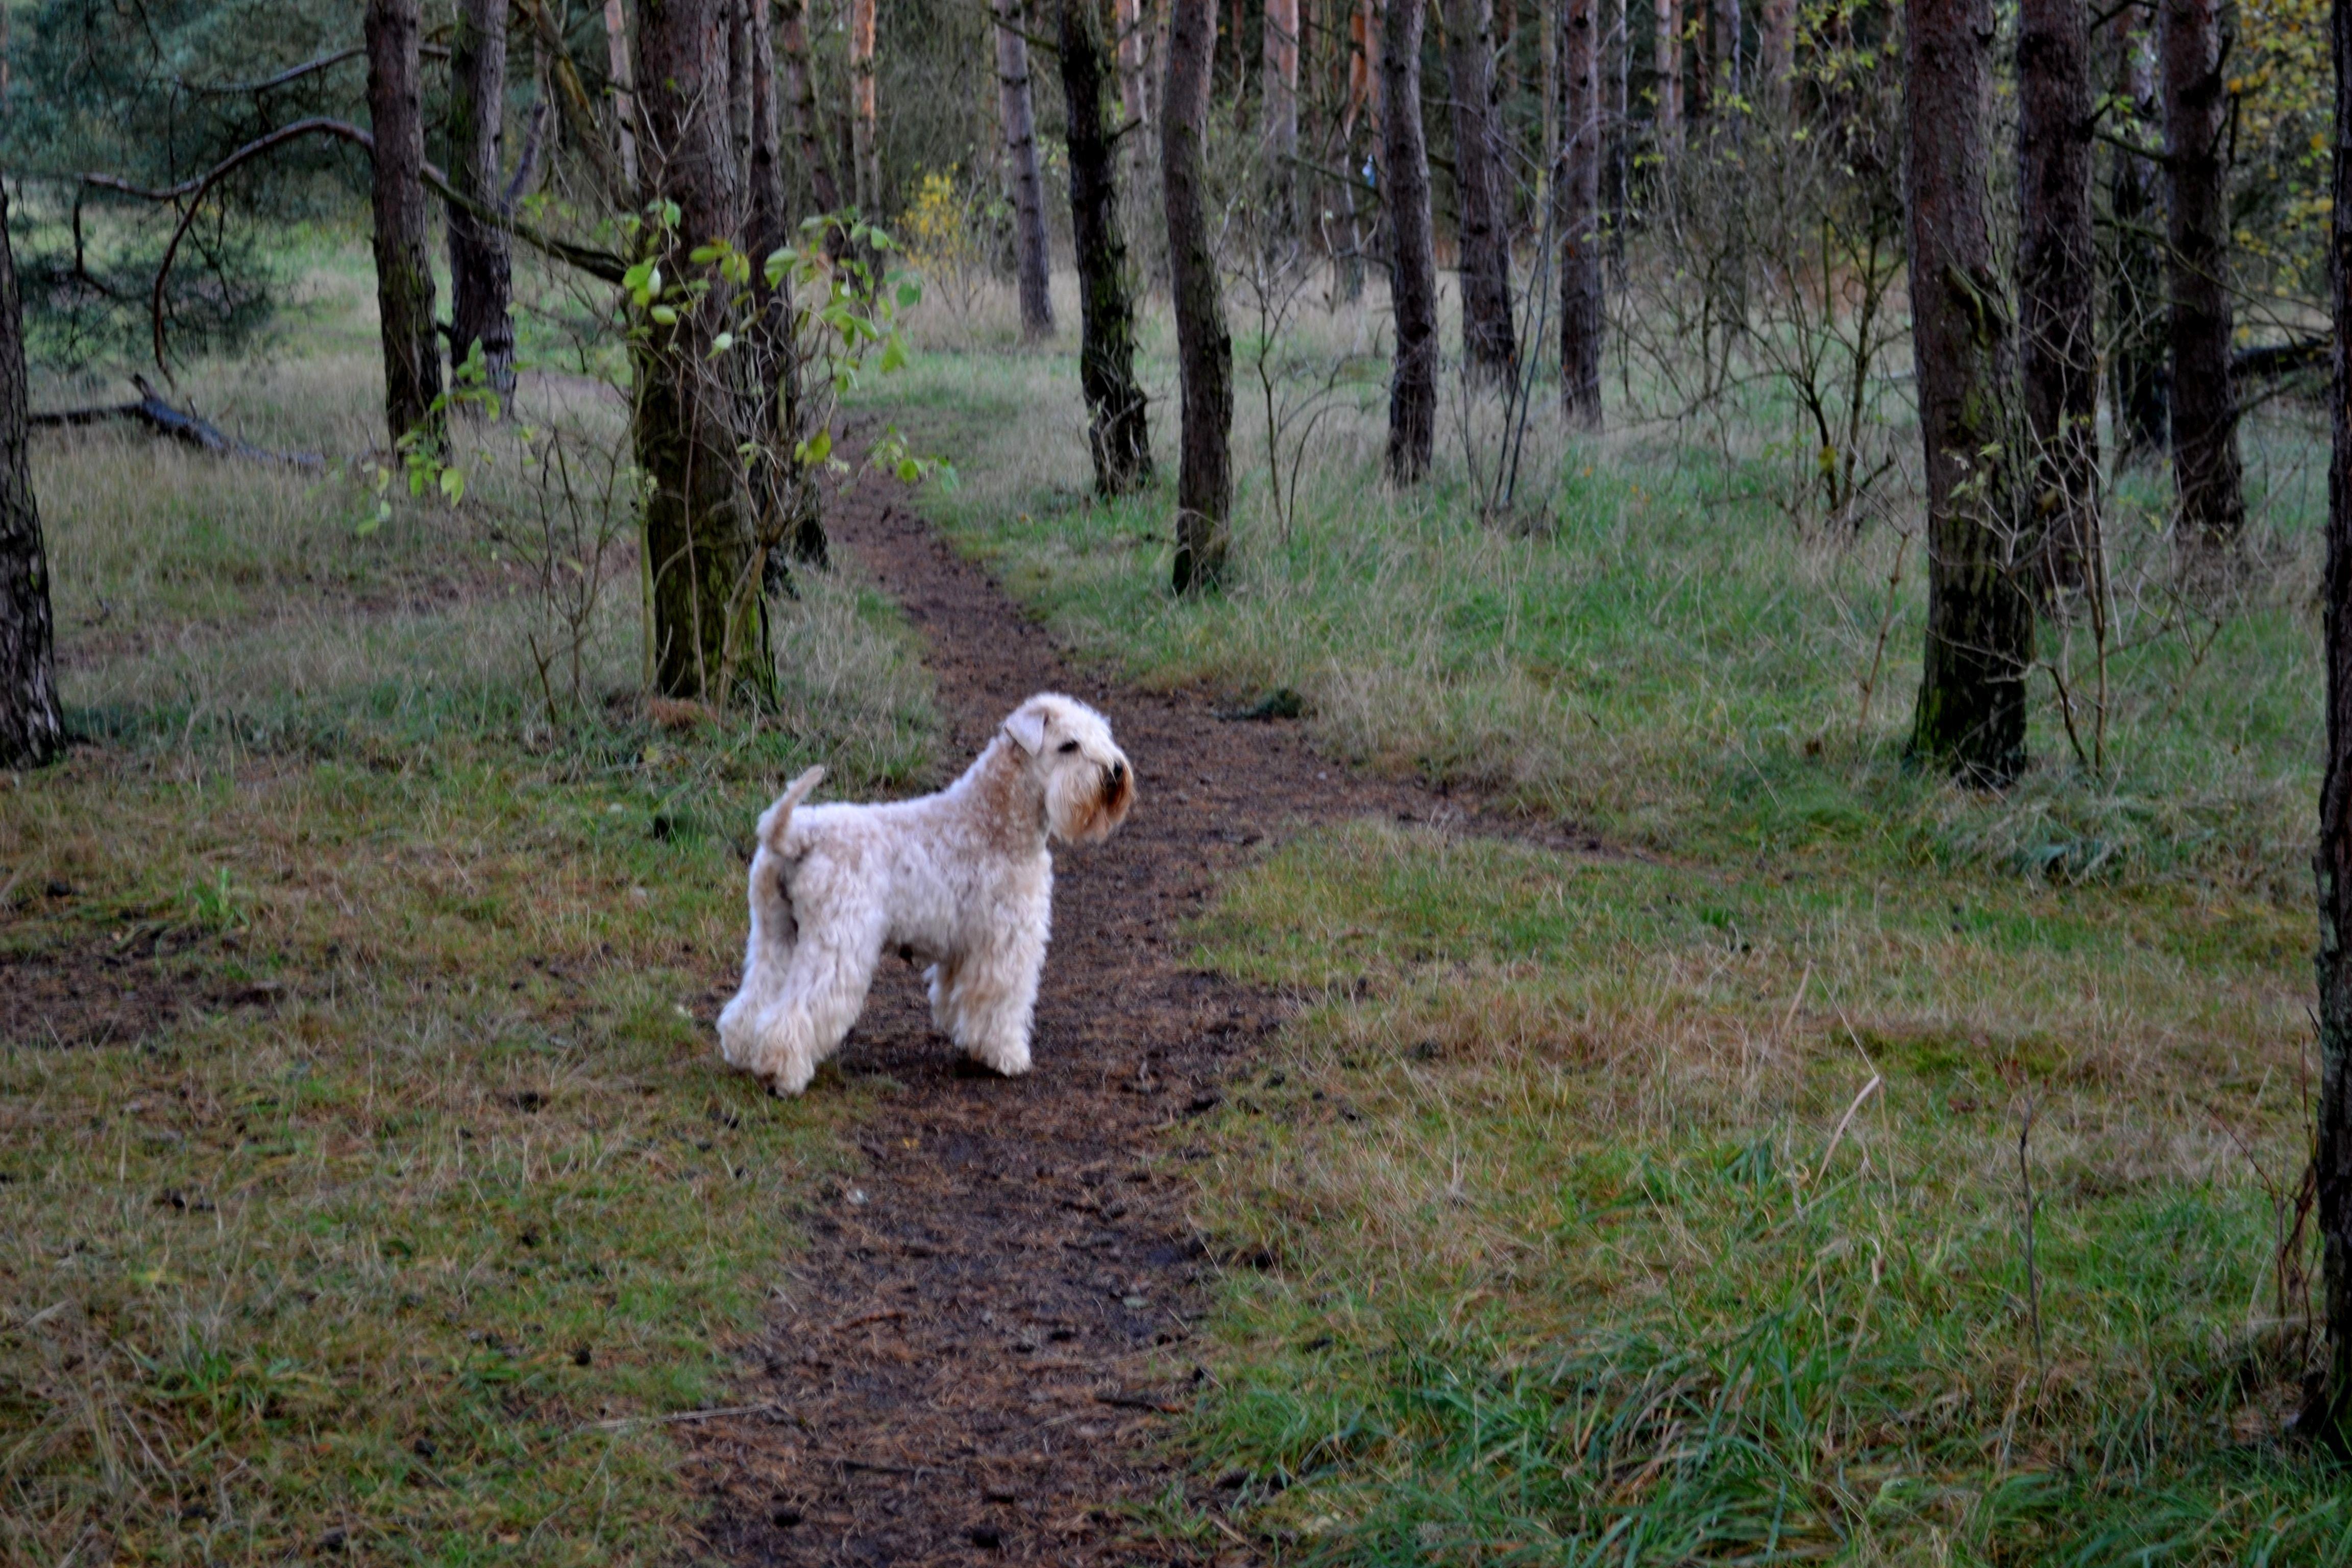 Lilly uppe i skogen